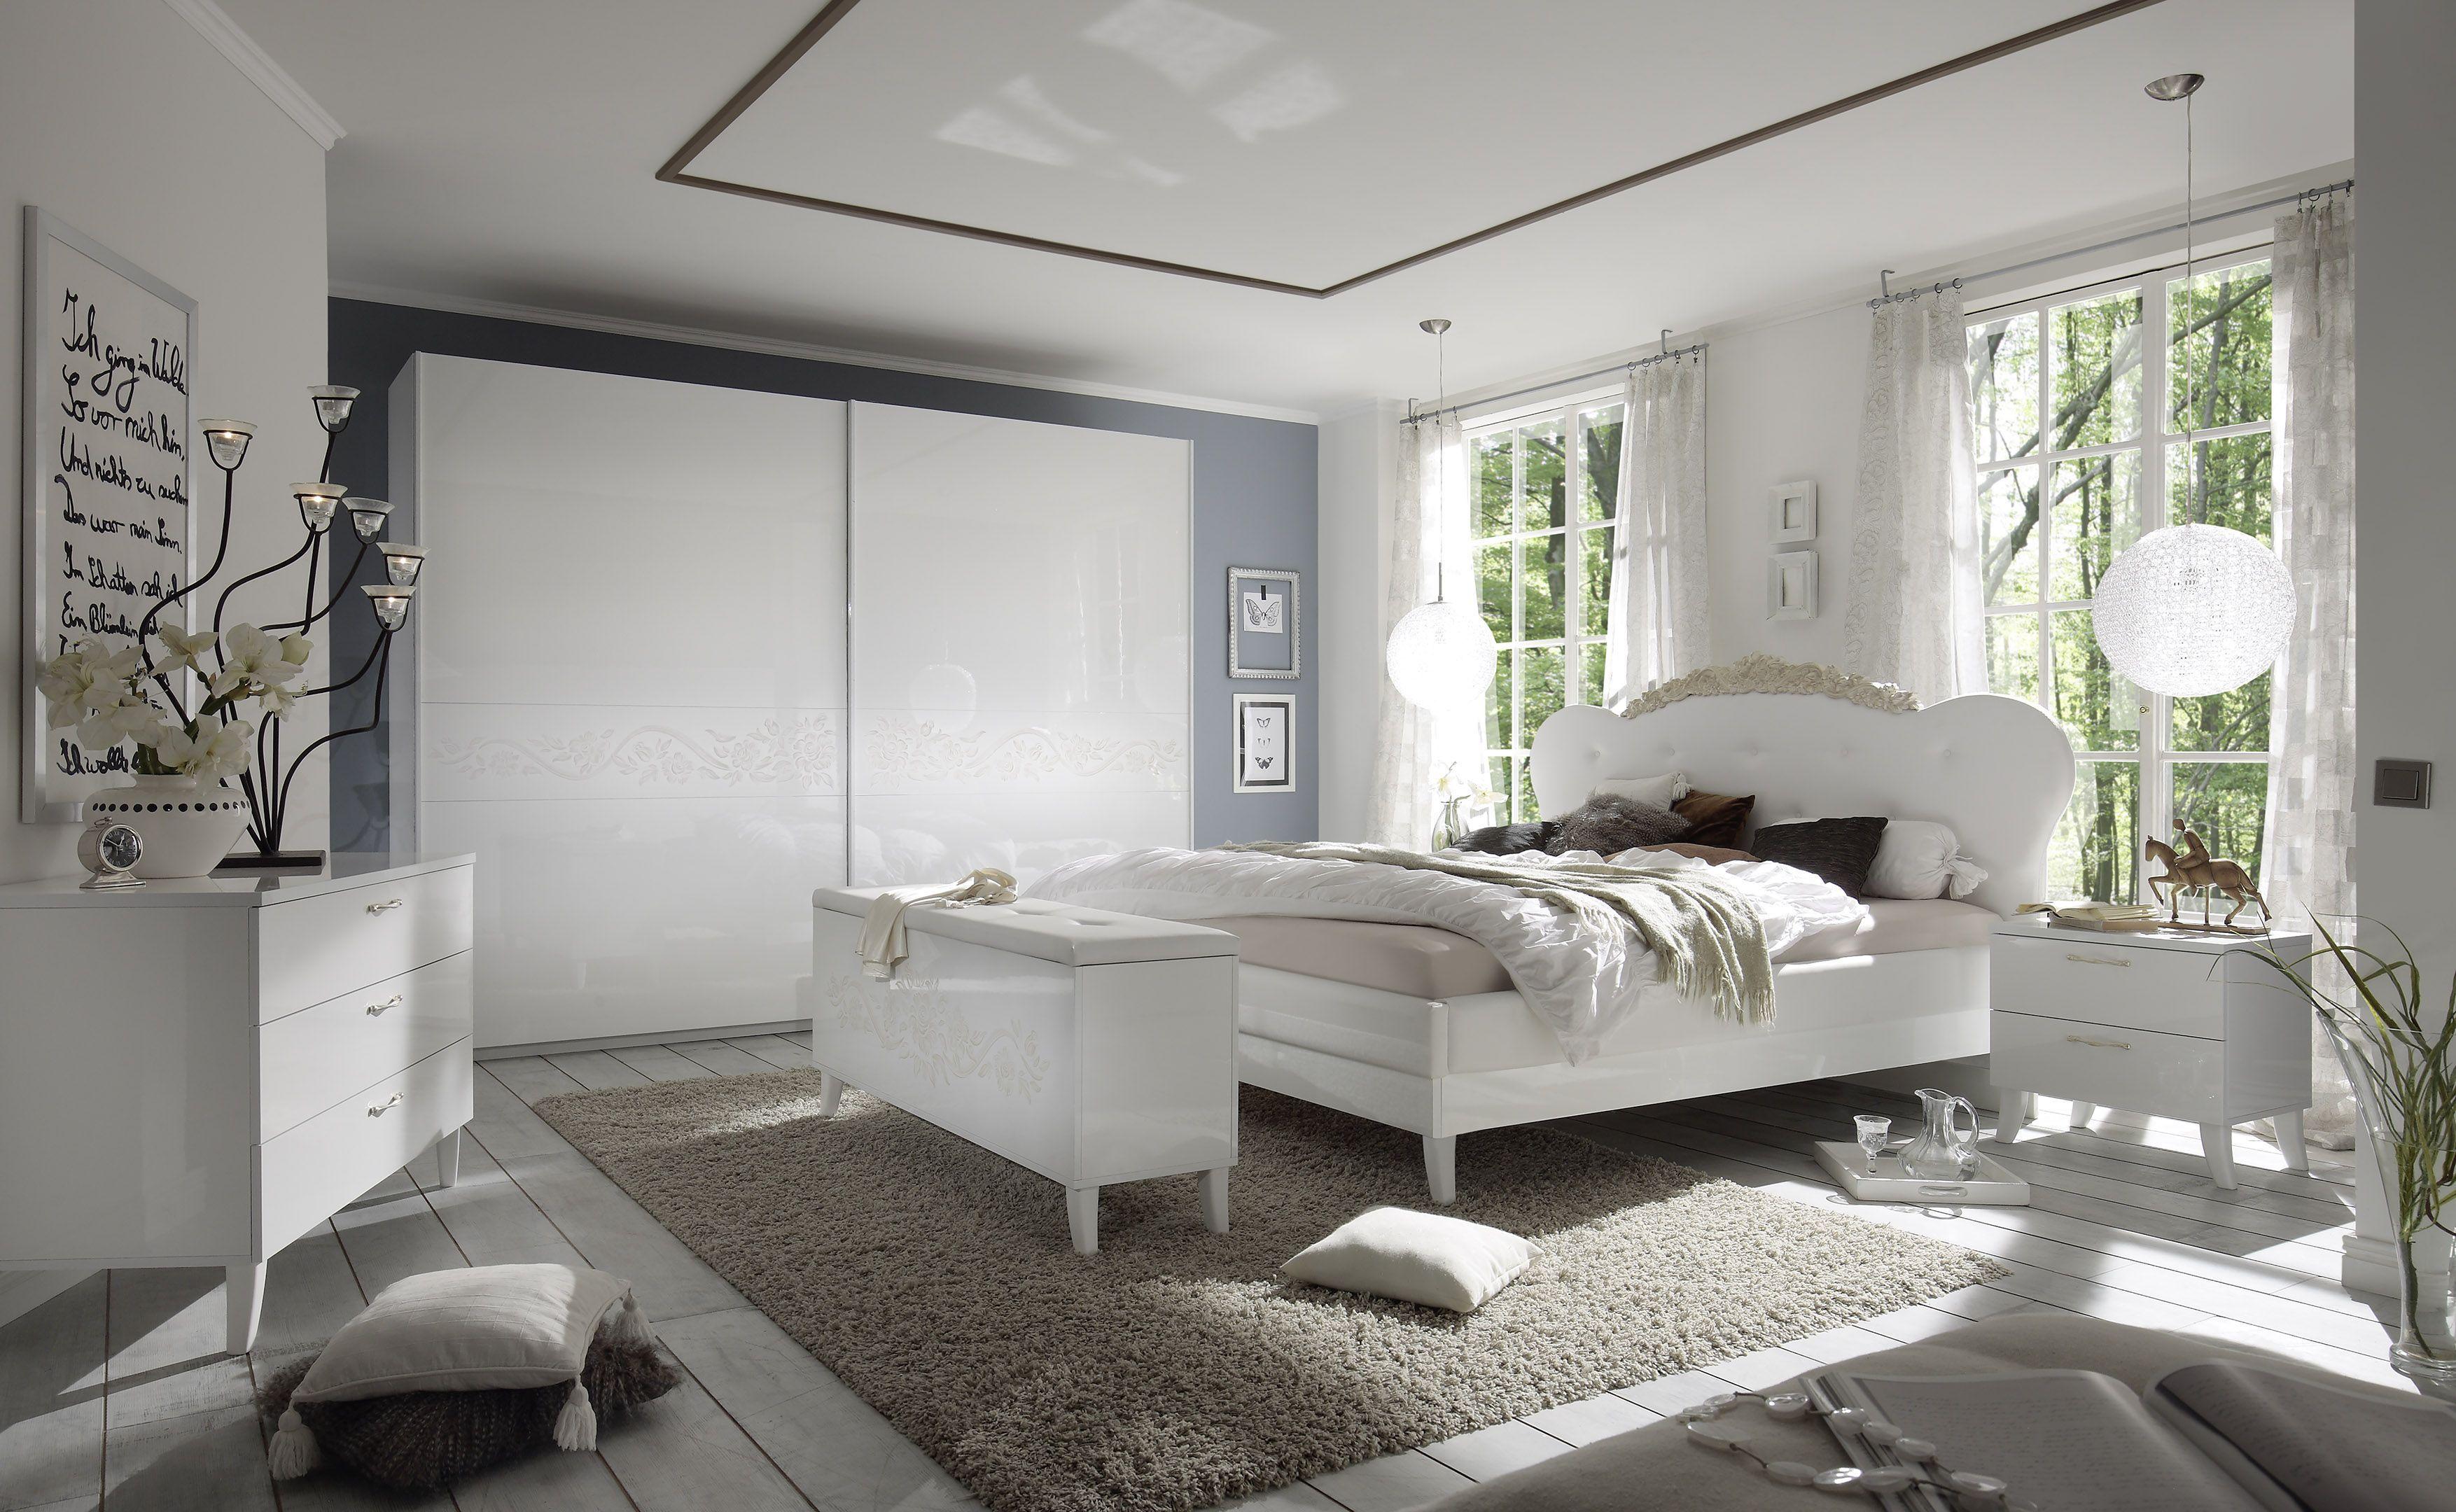 Schlafzimmer Mit Bett 180 X 200 Cm Weiss Echt Hochglanz